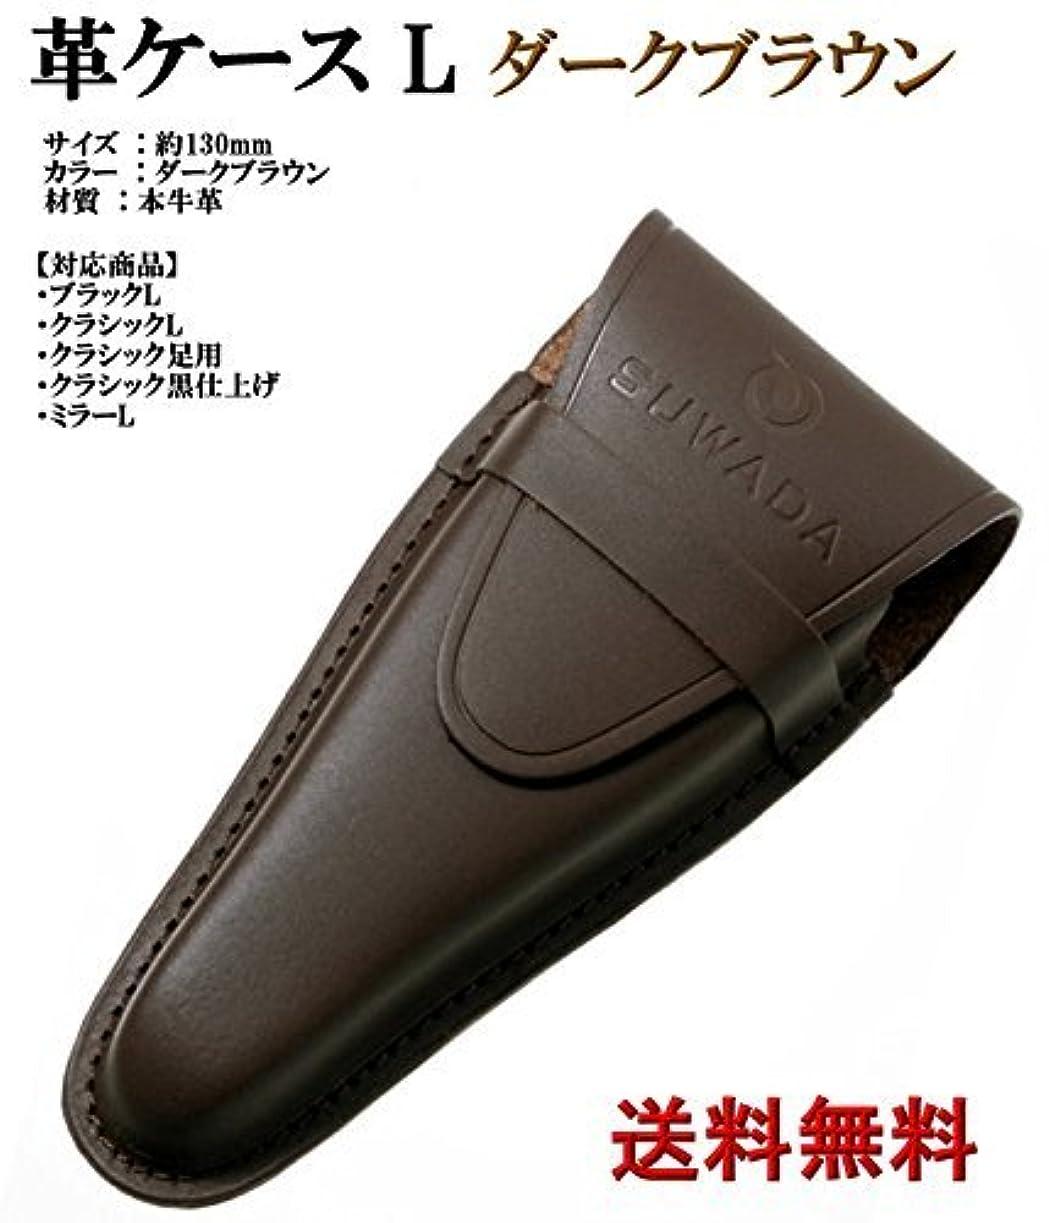 超えるエキサイティング準備したSUWADA 爪きり用本革ケースL